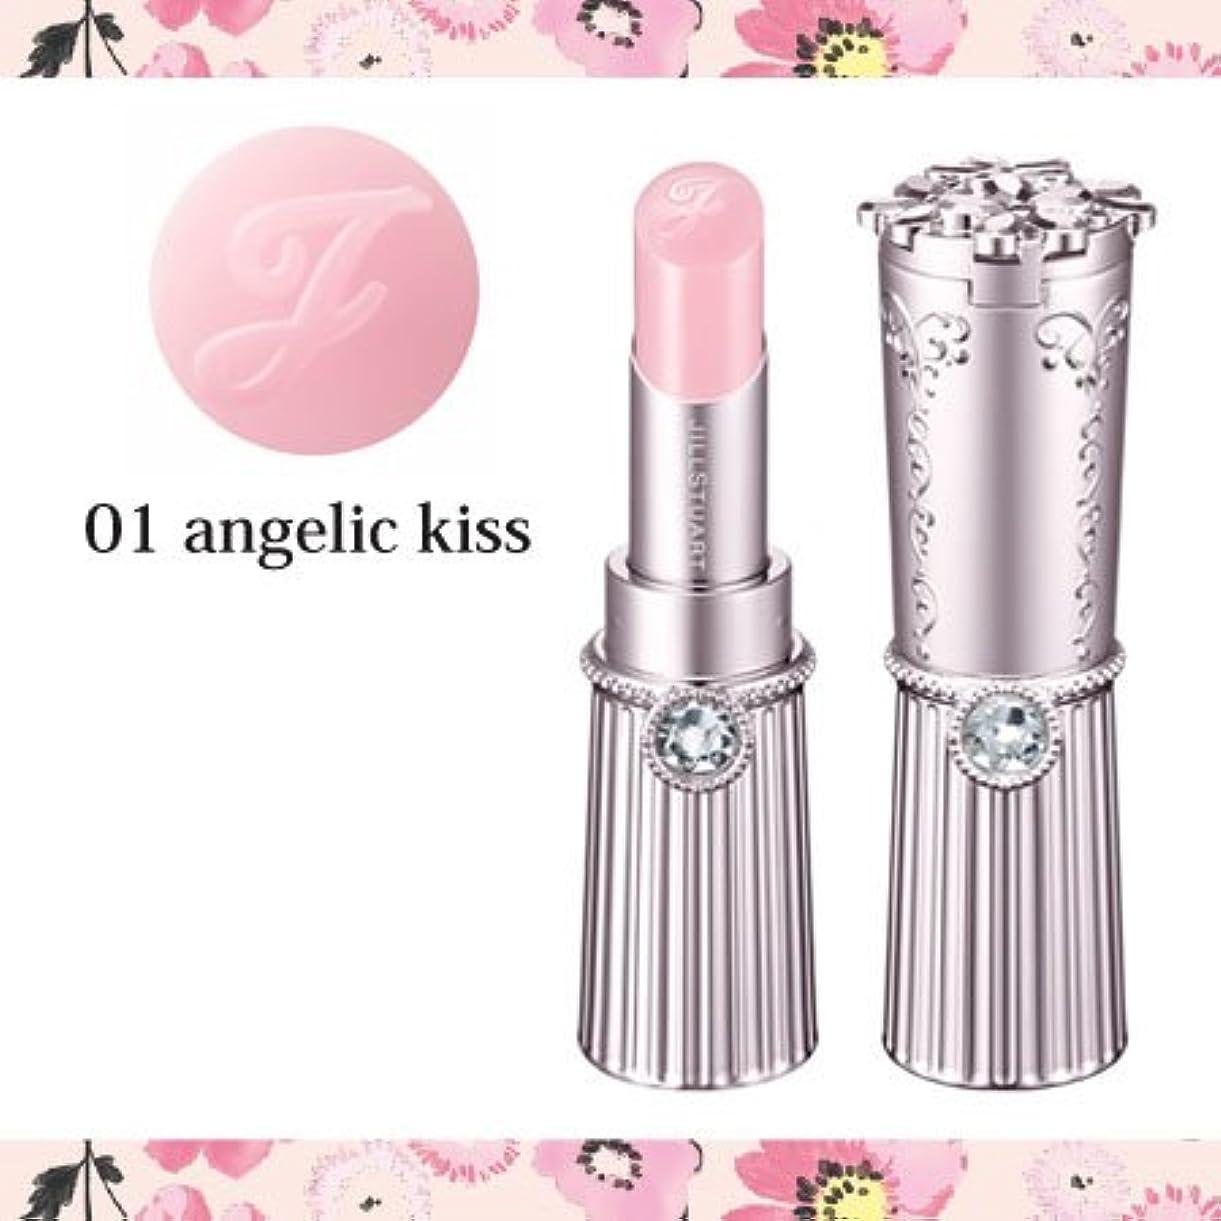 盲目頻繁に侵入ジルスチュアート リップグロウ バーム #01 angelic kiss -JILLSTUART-